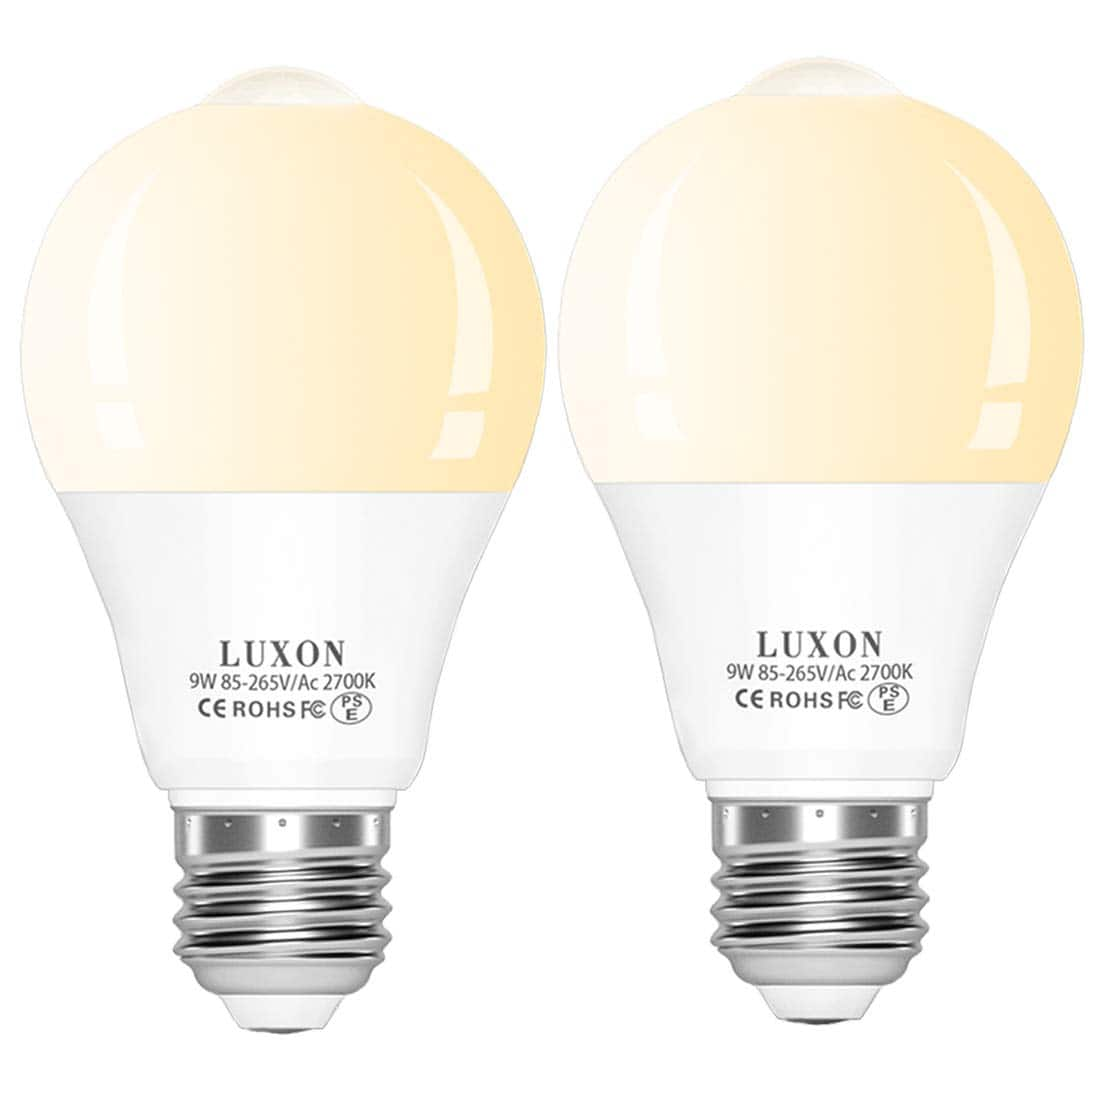 2-Pack PIR Motion Sensor Light Bulbs 9W Warm White E26 Base $11